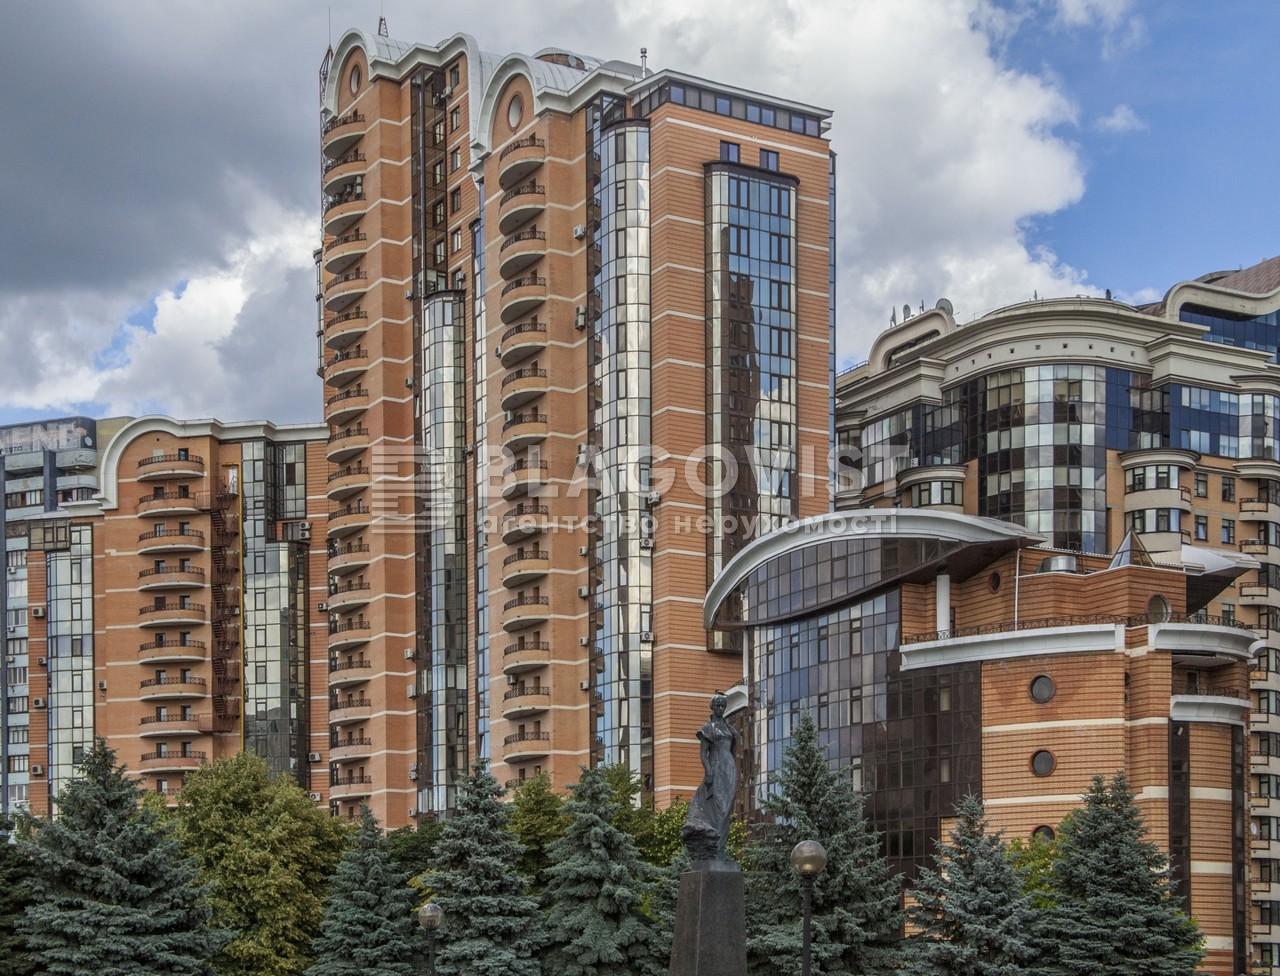 Квартира F-6050, Старонаводницкая, 4в, Киев - Фото 5